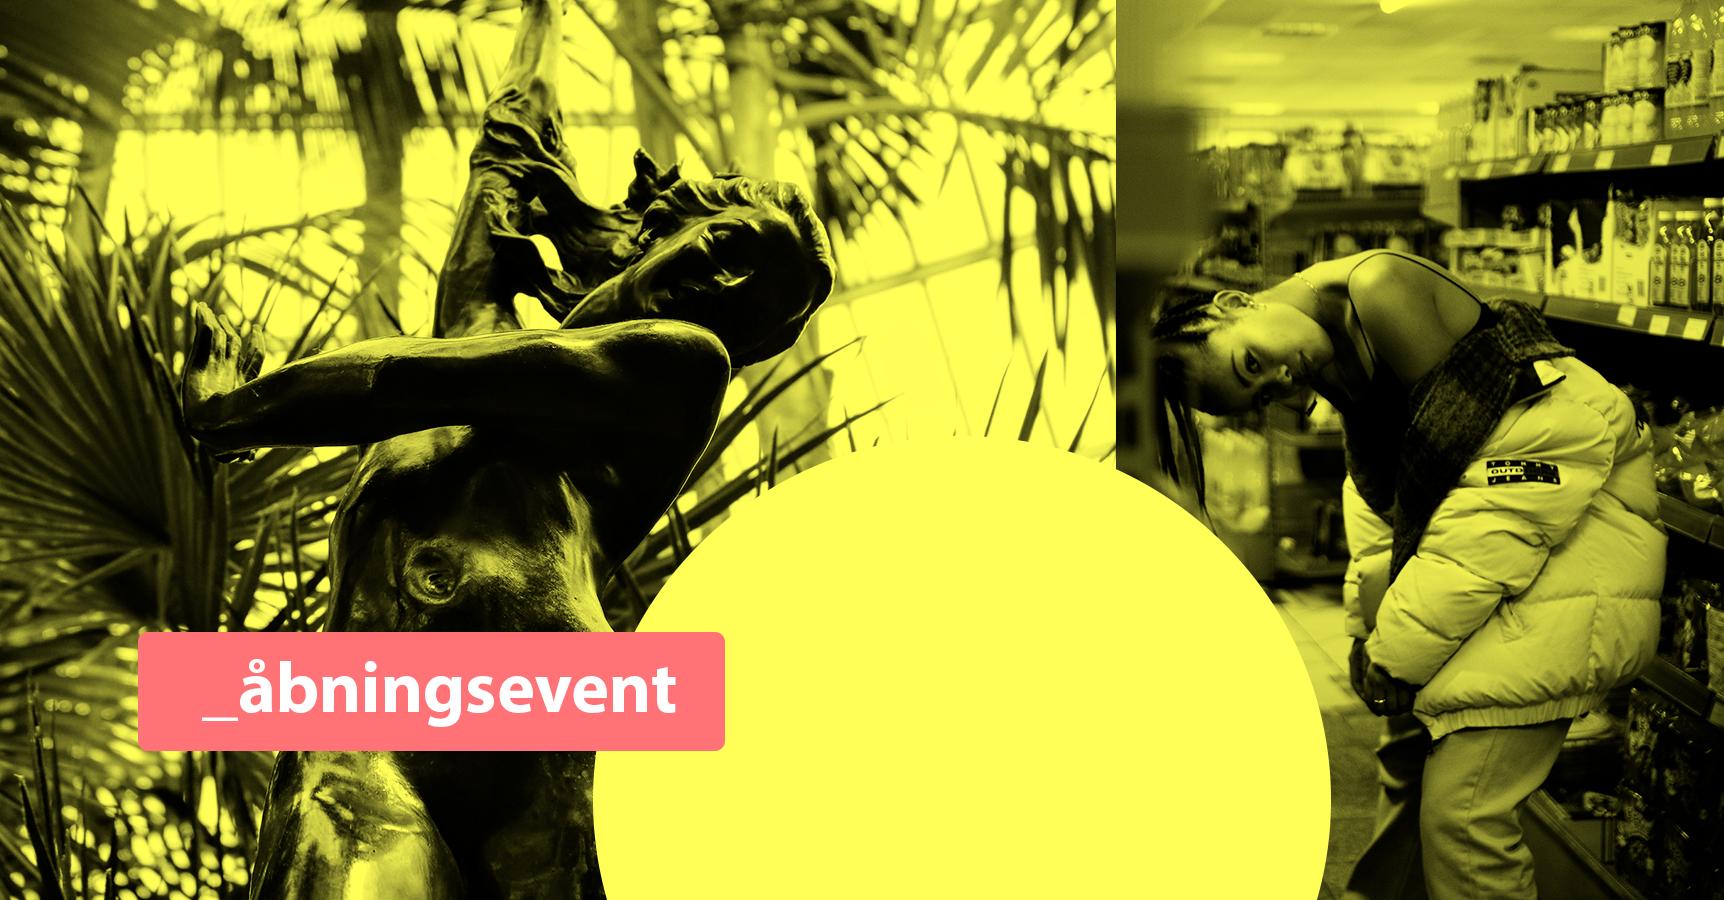 Åbningsevent_taler, musik & museumsbesøg